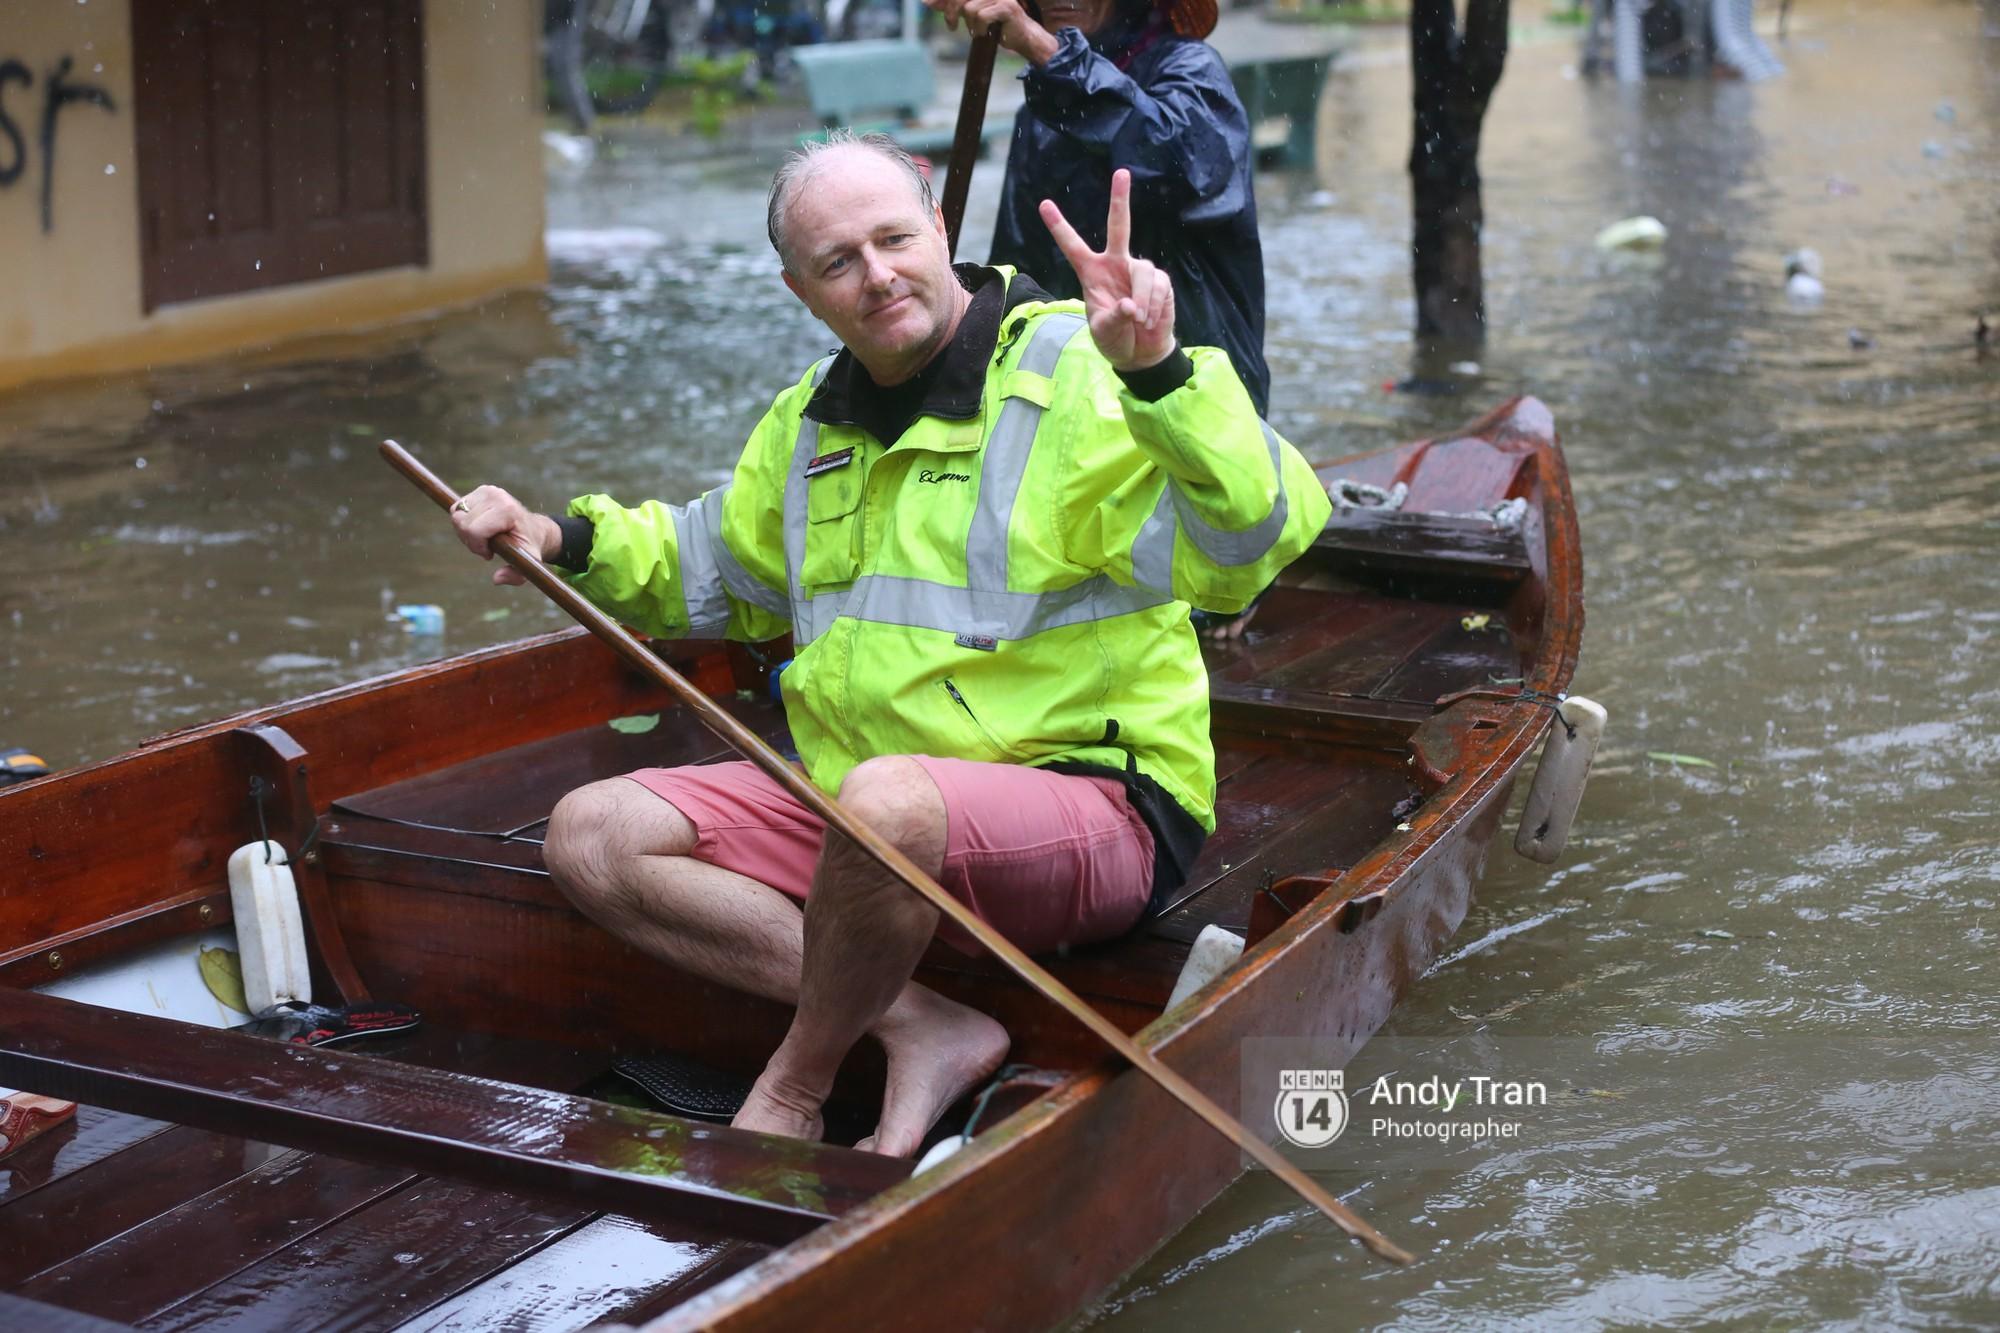 Chùm ảnh: Hội An nước ngập thành sông do ảnh hưởng của bão, người dân và du khách chật vật dùng thuyền bè di chuyển - Ảnh 20.